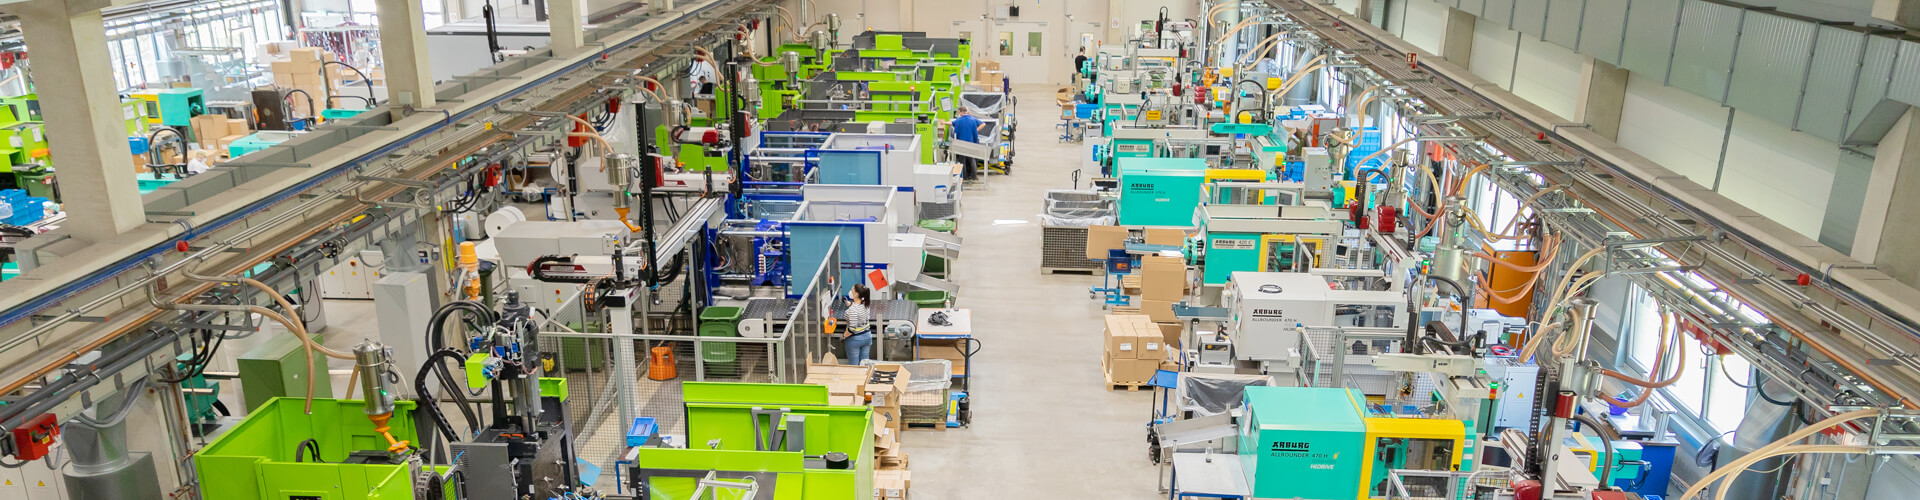 Produktionshalle mit Materialzuführung